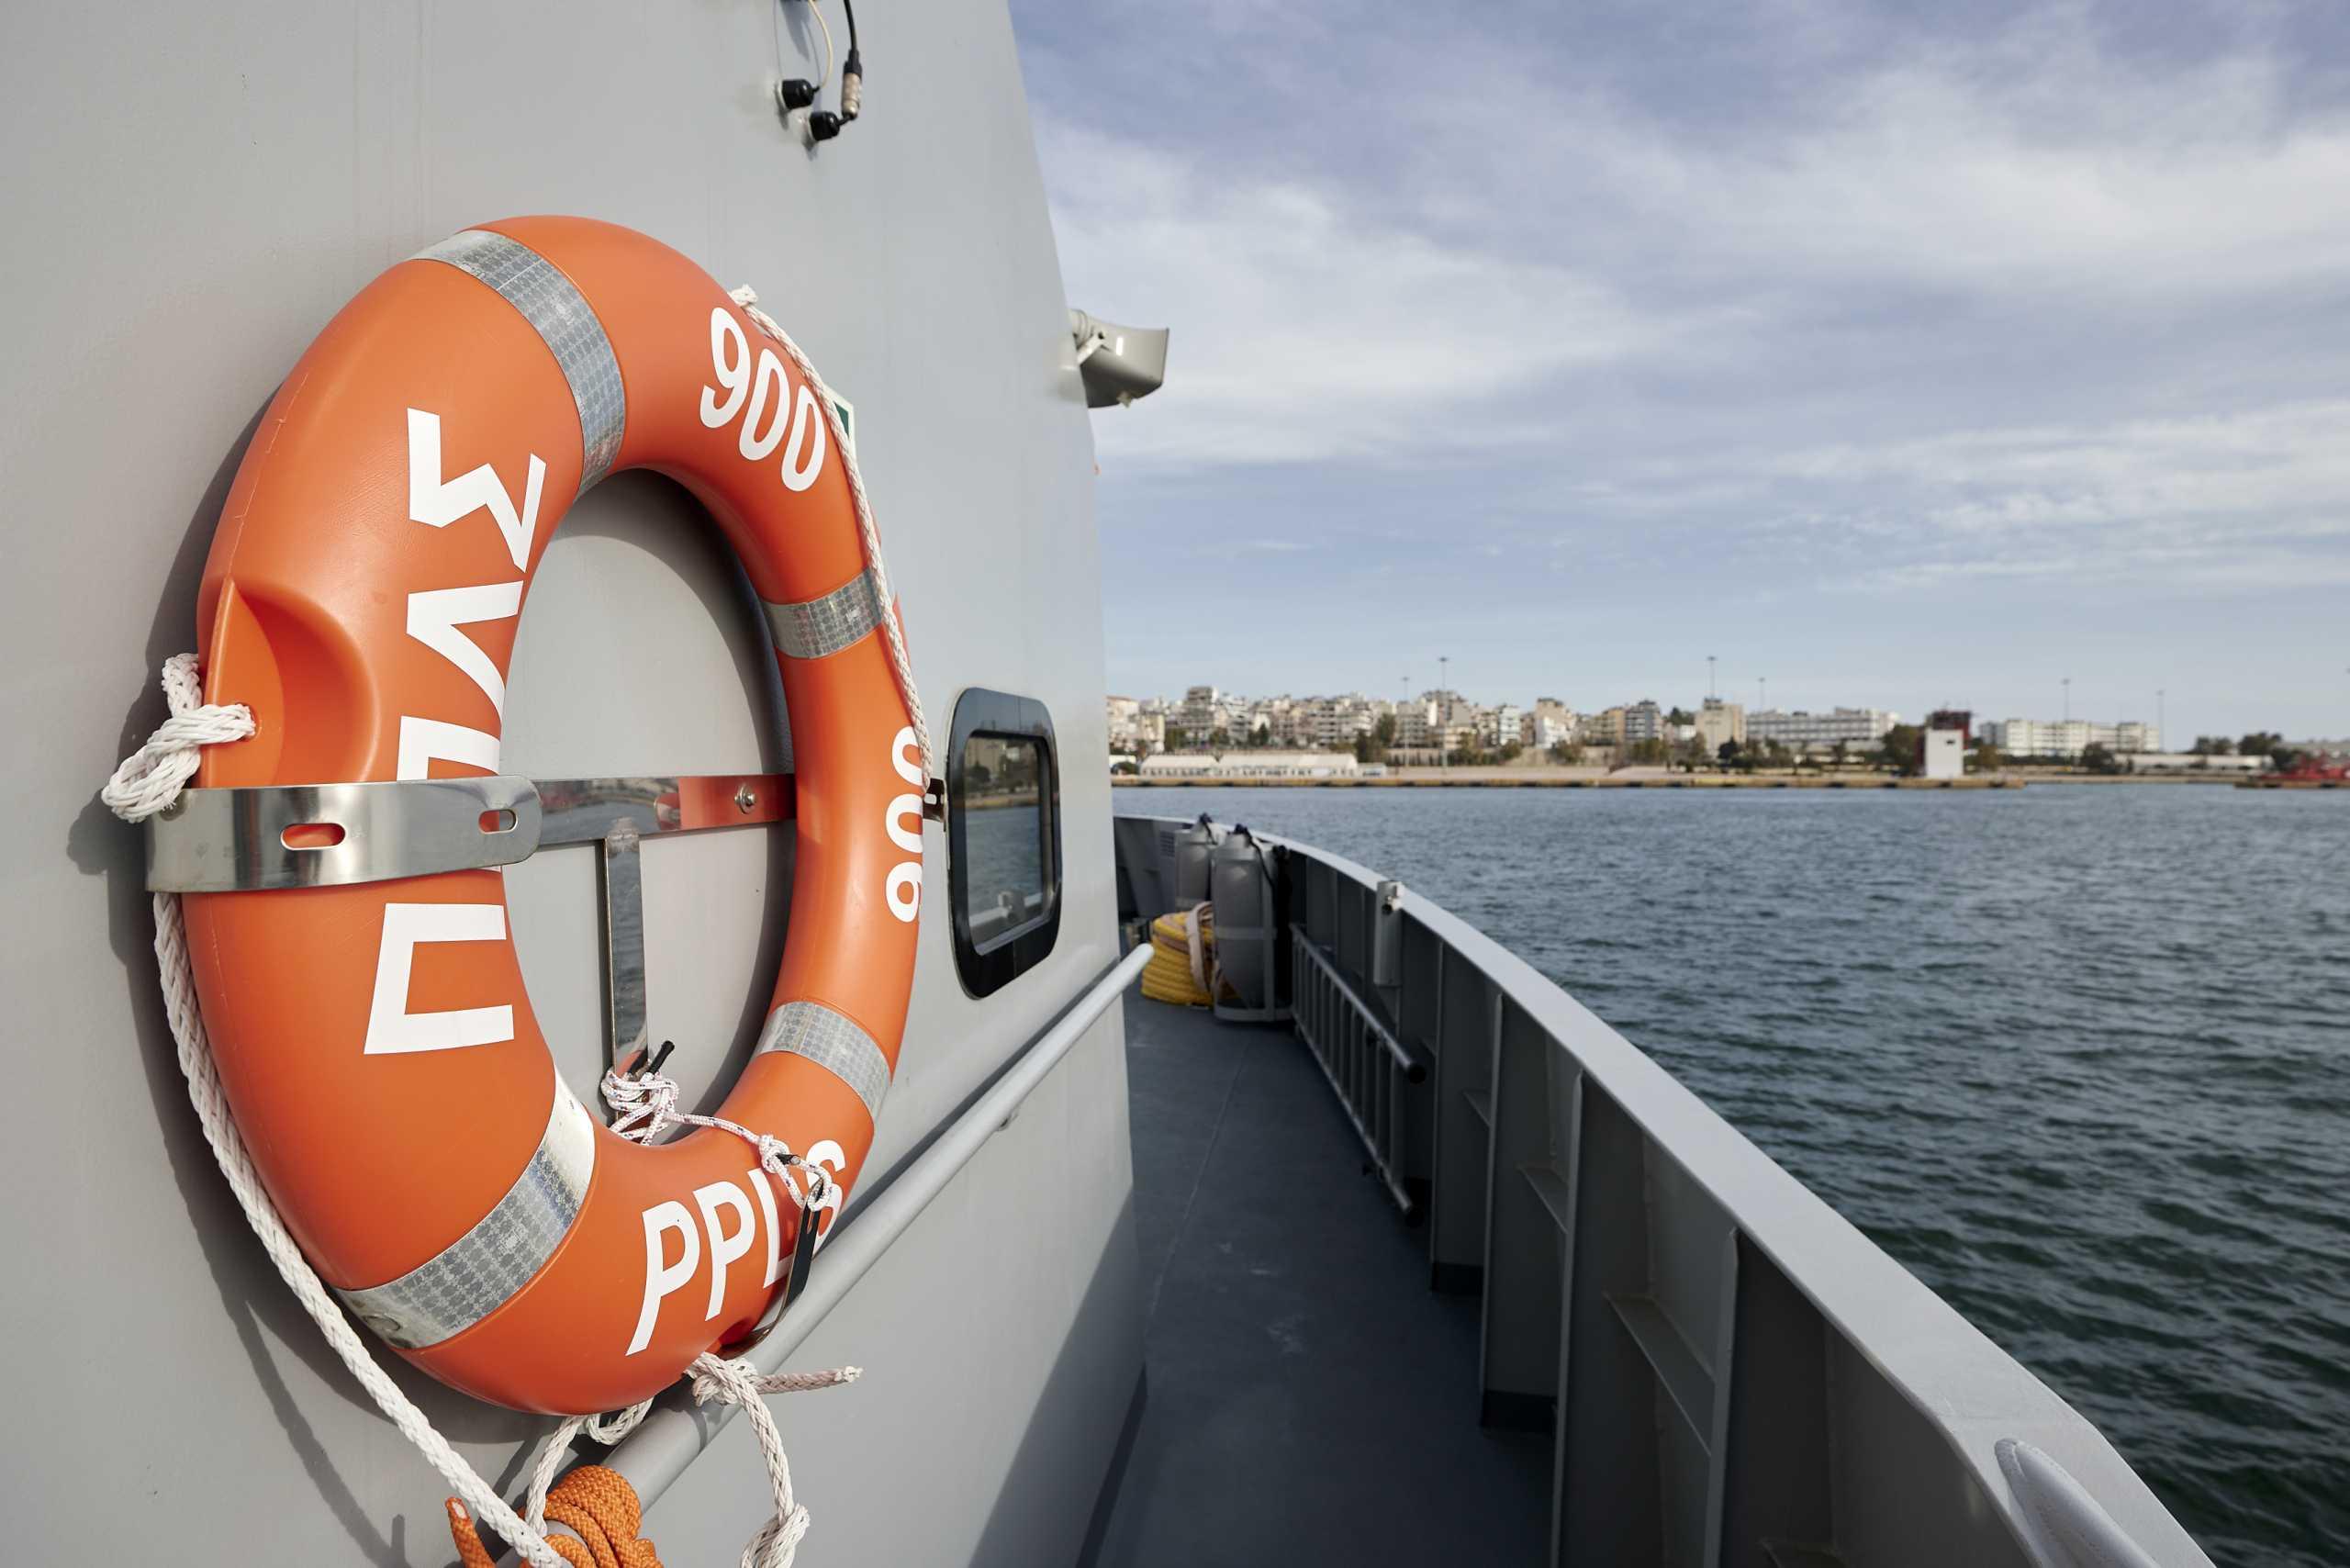 Σύγκρουση δεξαμενόπλοιου με αλιευτικό στον Καφηρέα